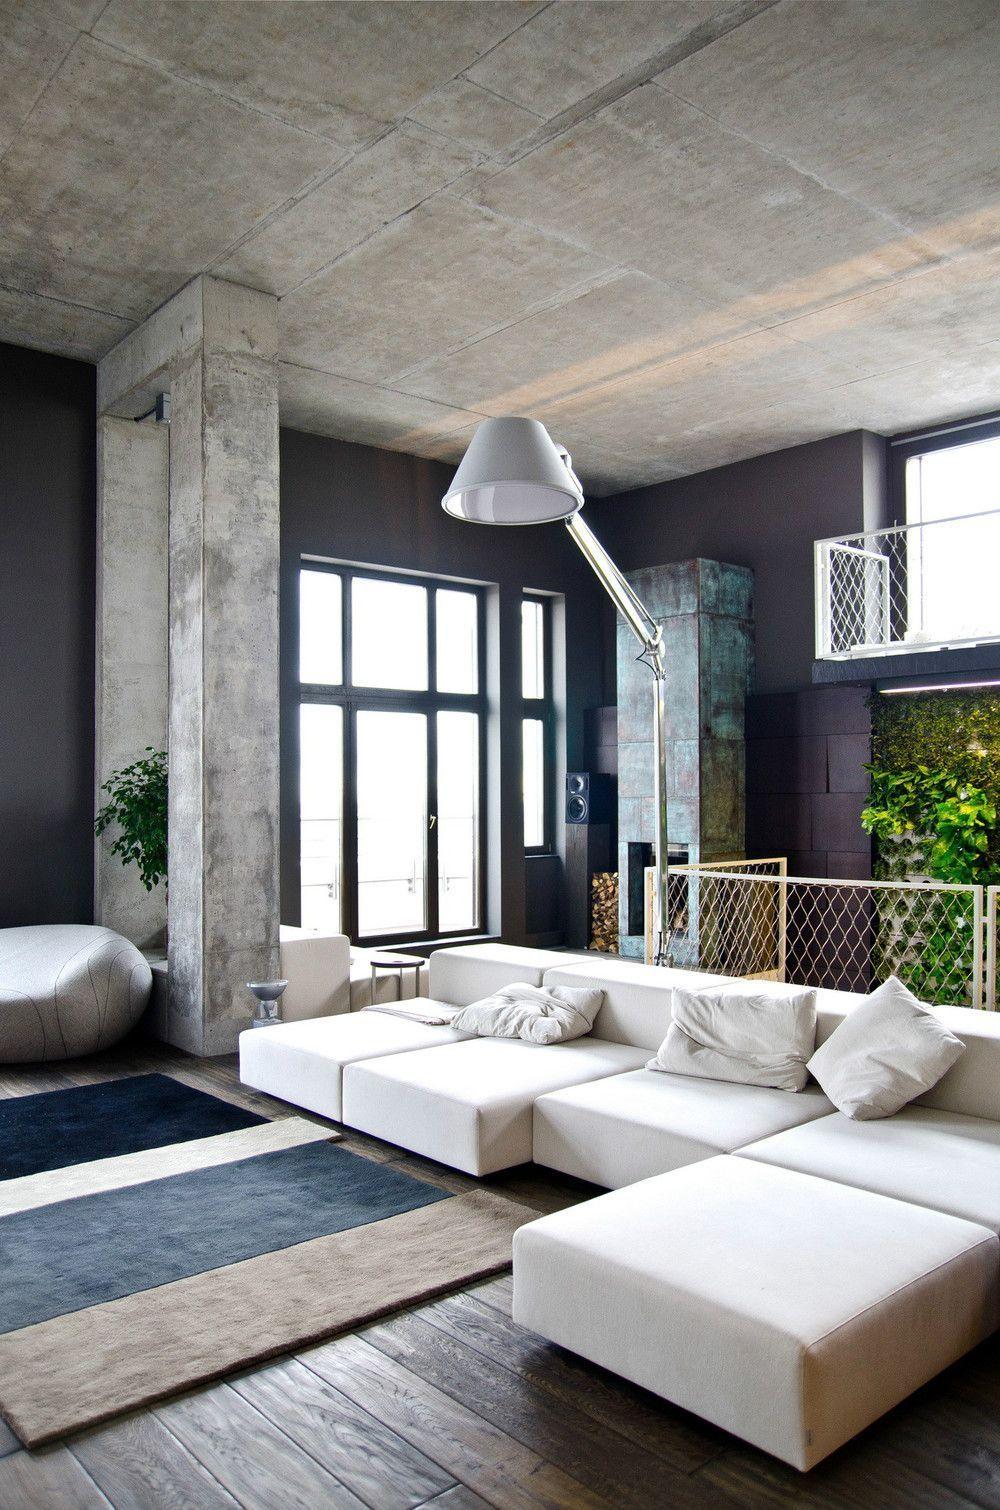 Потолок из бетонных плит в стиле лофт